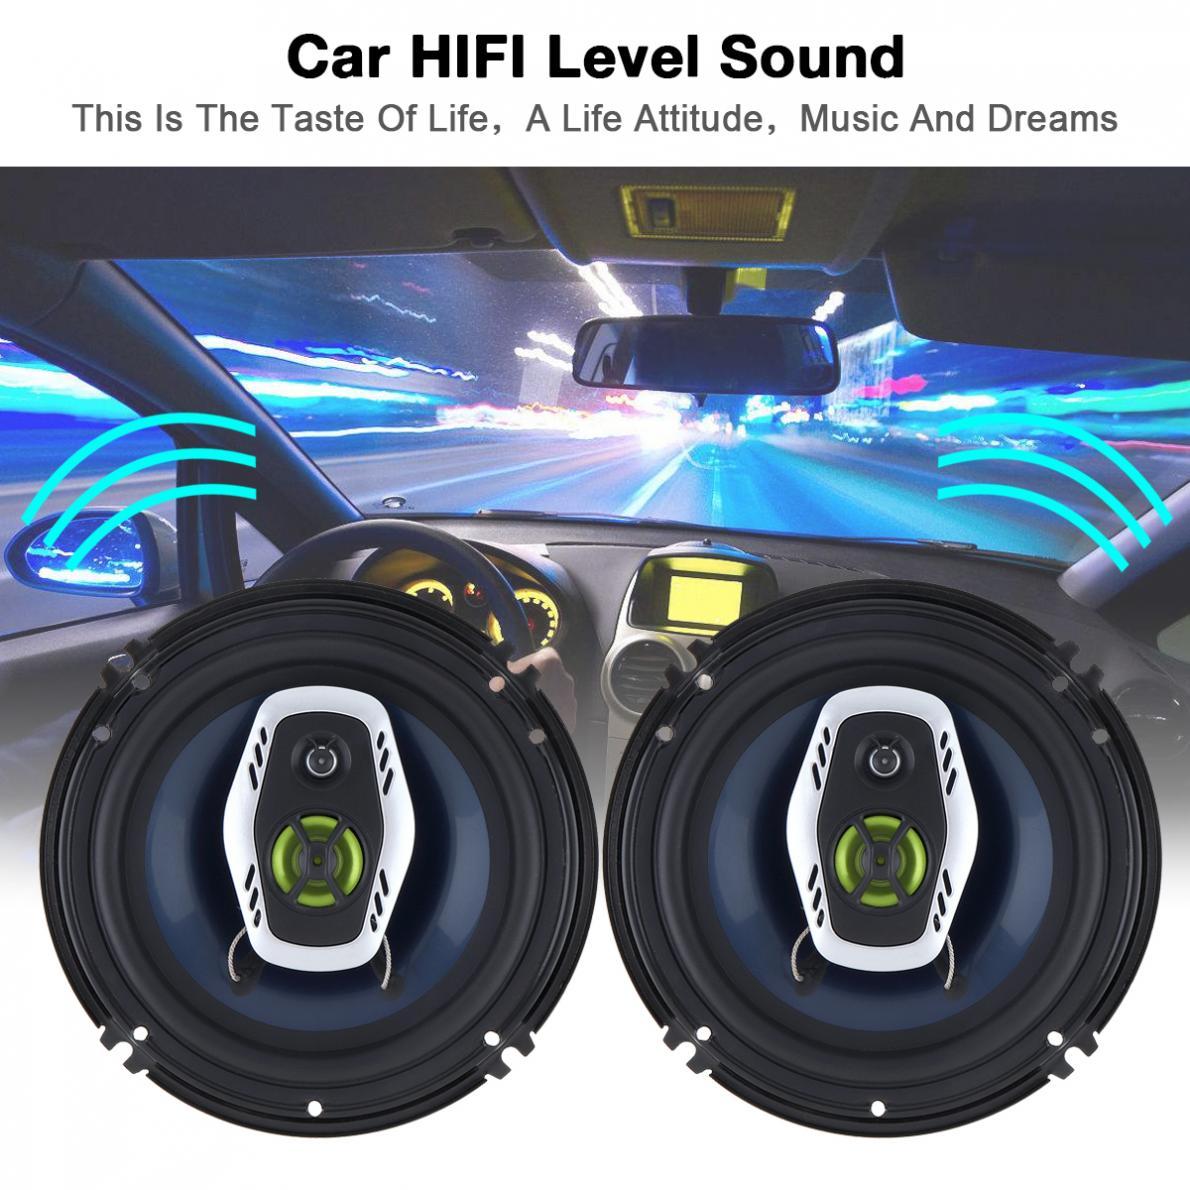 Pcs 6.5 Polegada 2 16cm 600W 2 Maneira Coaxial Carro Alto Falante Auto Stereo Música Áudio Gama Completa freqüência de Alta Fidelidade Alto-falantes